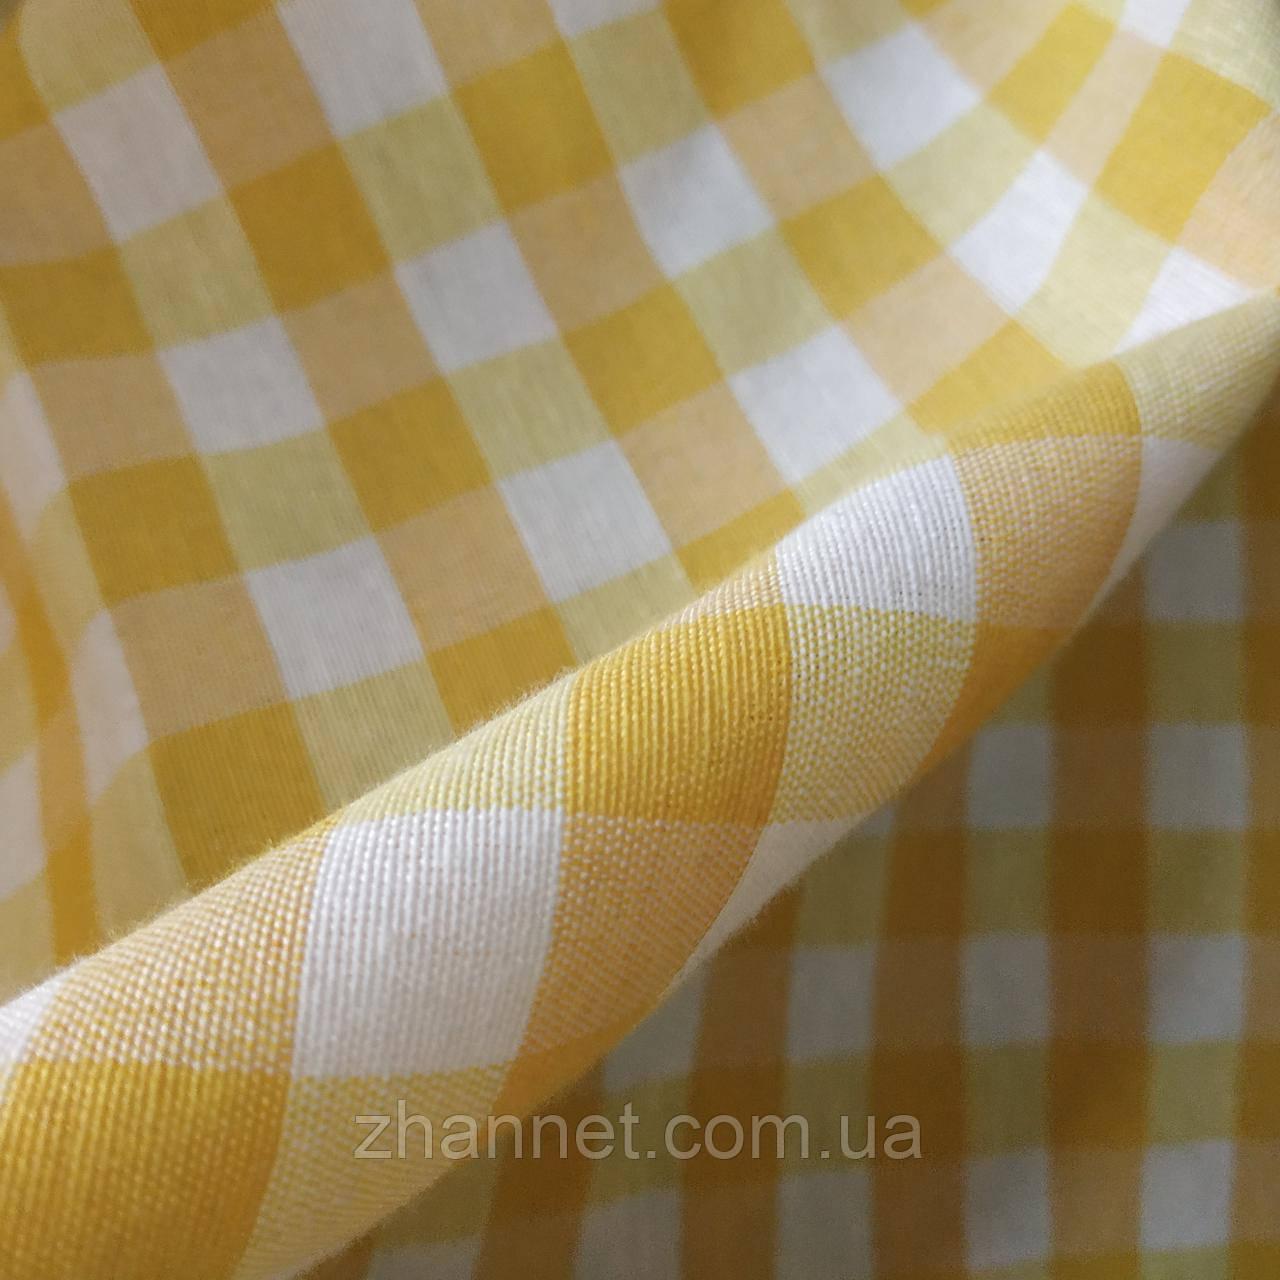 Ткань в клетку Emma желтый 280 см (556601)